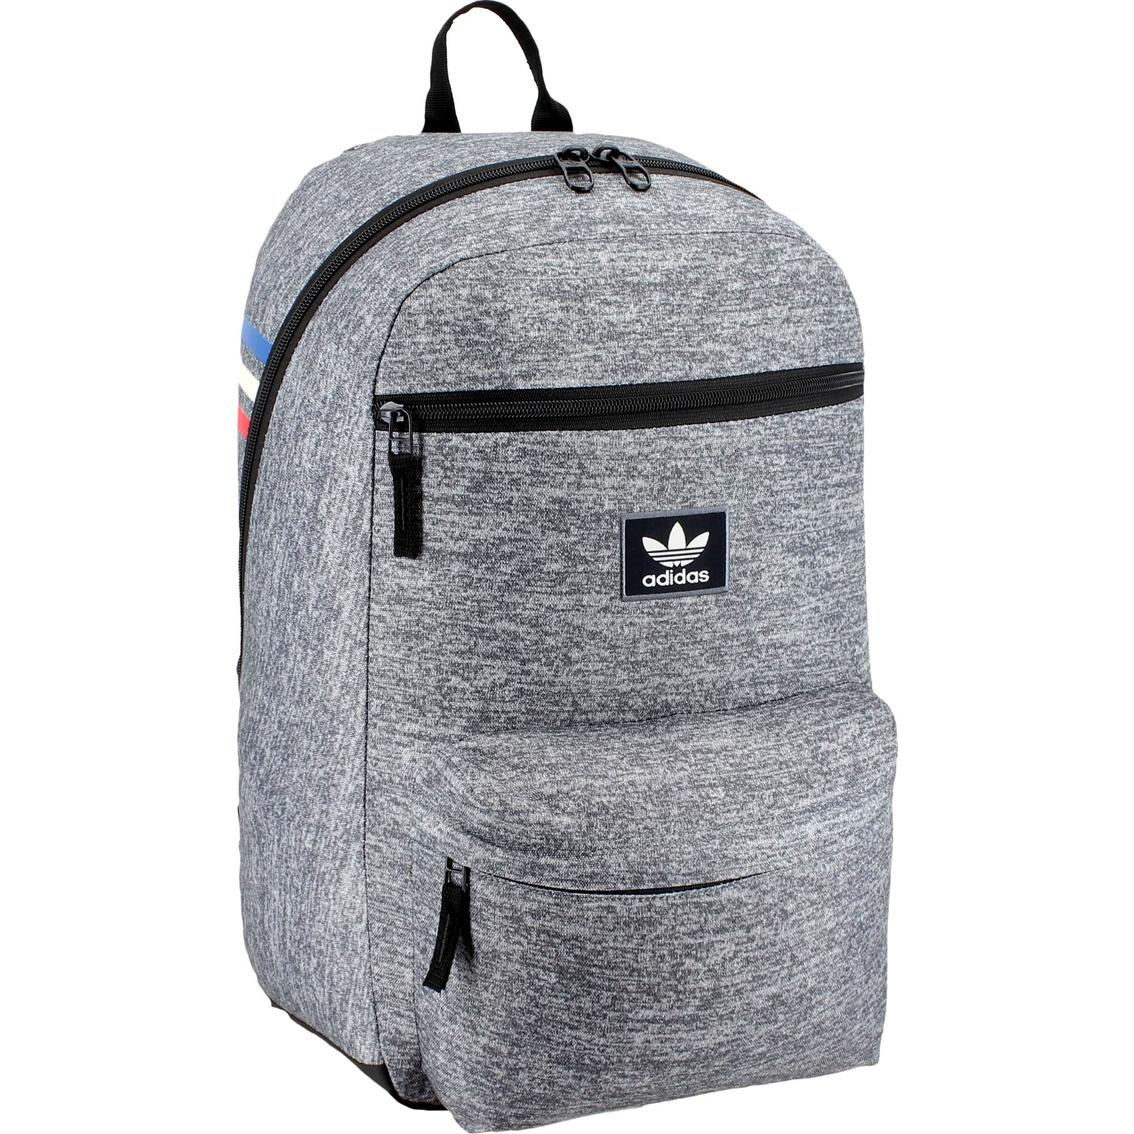 Custom Backpacks Adidas. Custom Backpacks Adidas. Custom Backpacks Adidas  Fenix Toulouse Handball ... e13961f7617e6